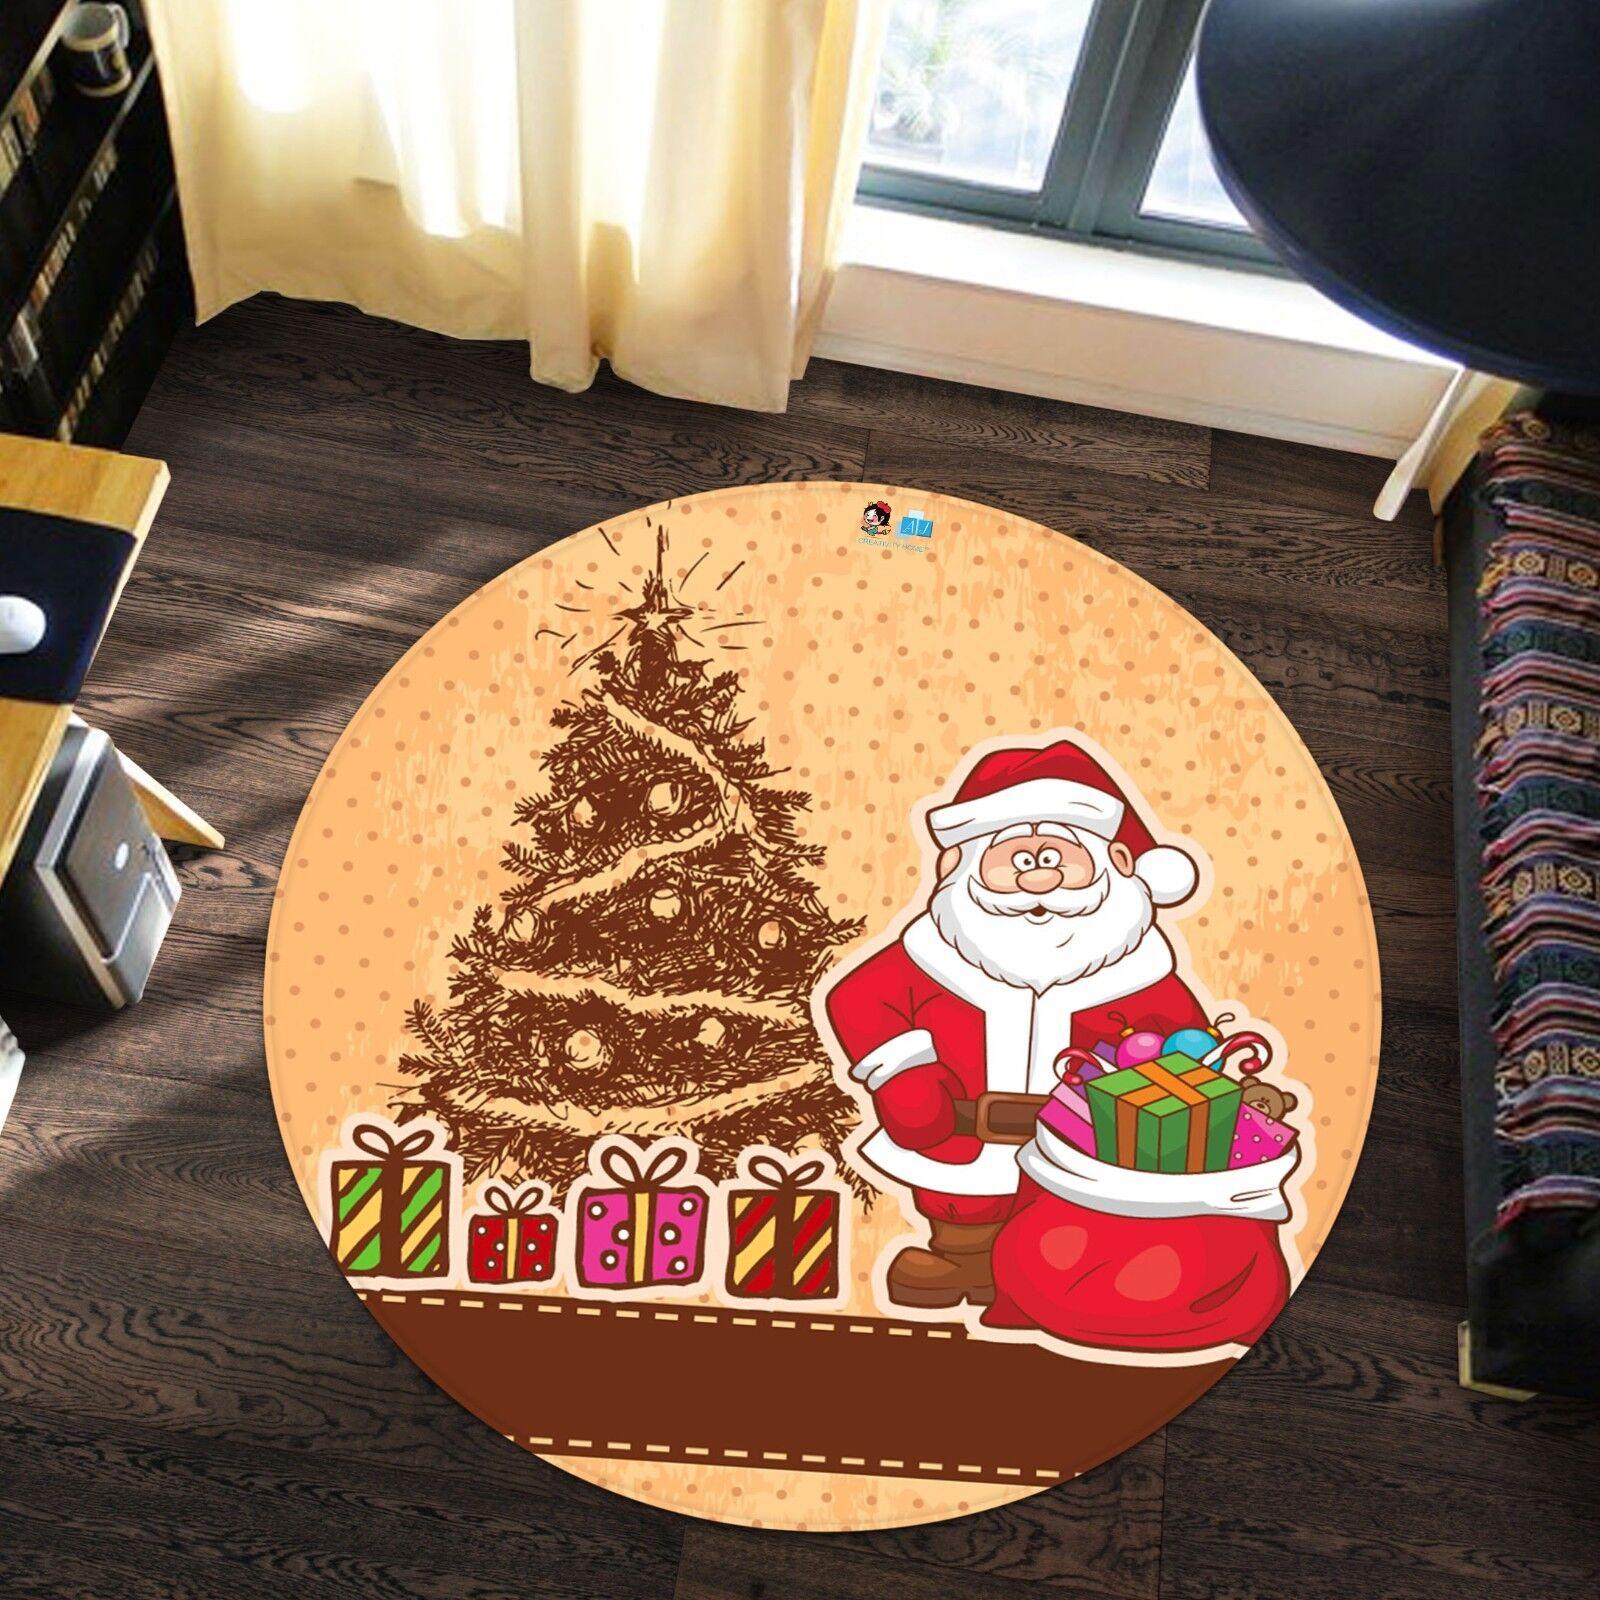 3D Weihnachten Xmas 627 627 627 Rutschfest Teppich Matte Raum Runden Elegant Teppich DE 4afeb1